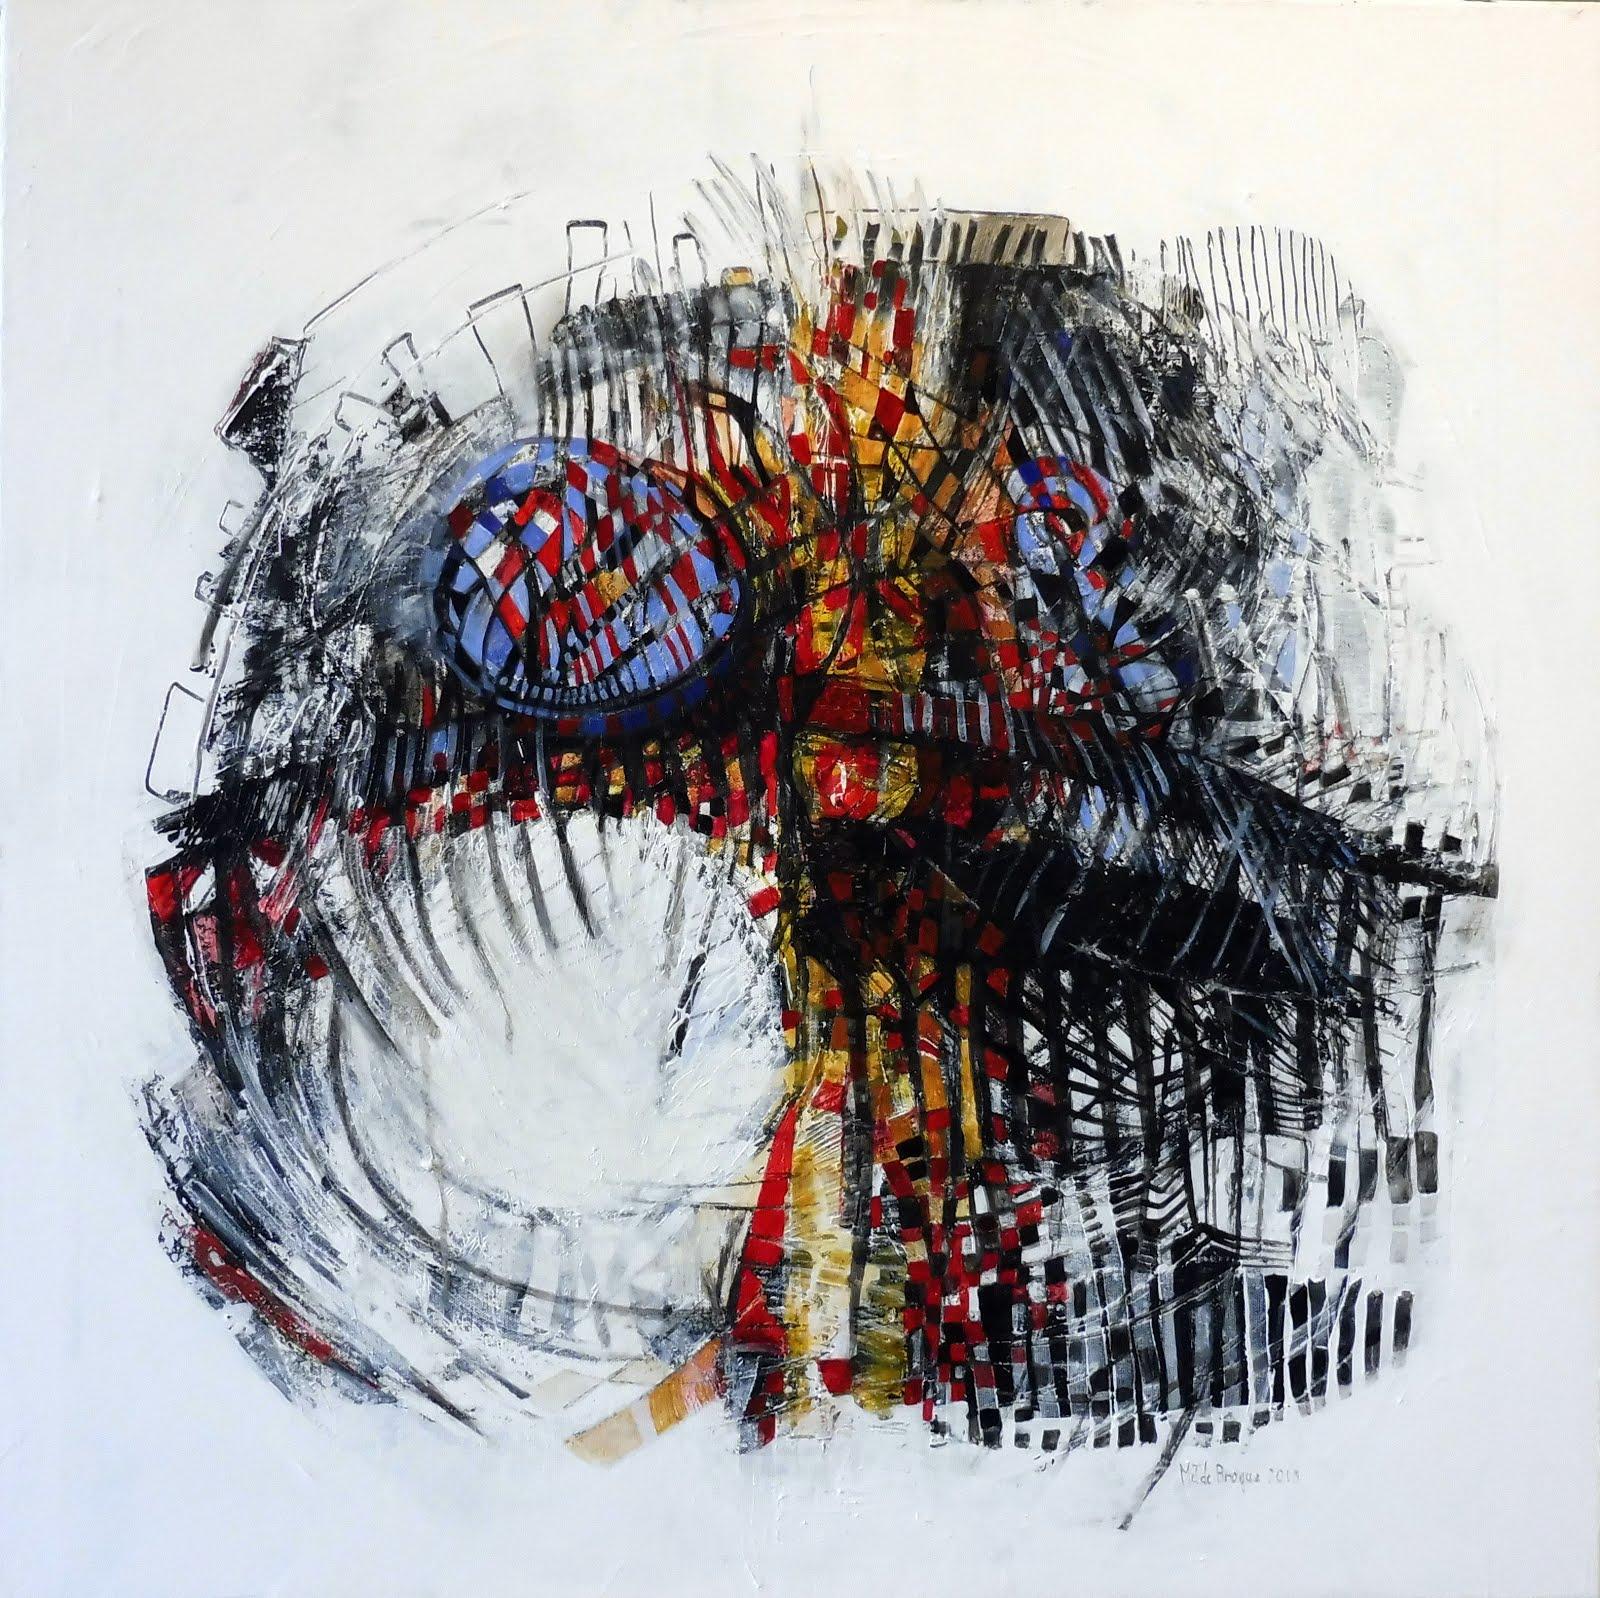 La musique du silence - 80 x 80 cm - 2018